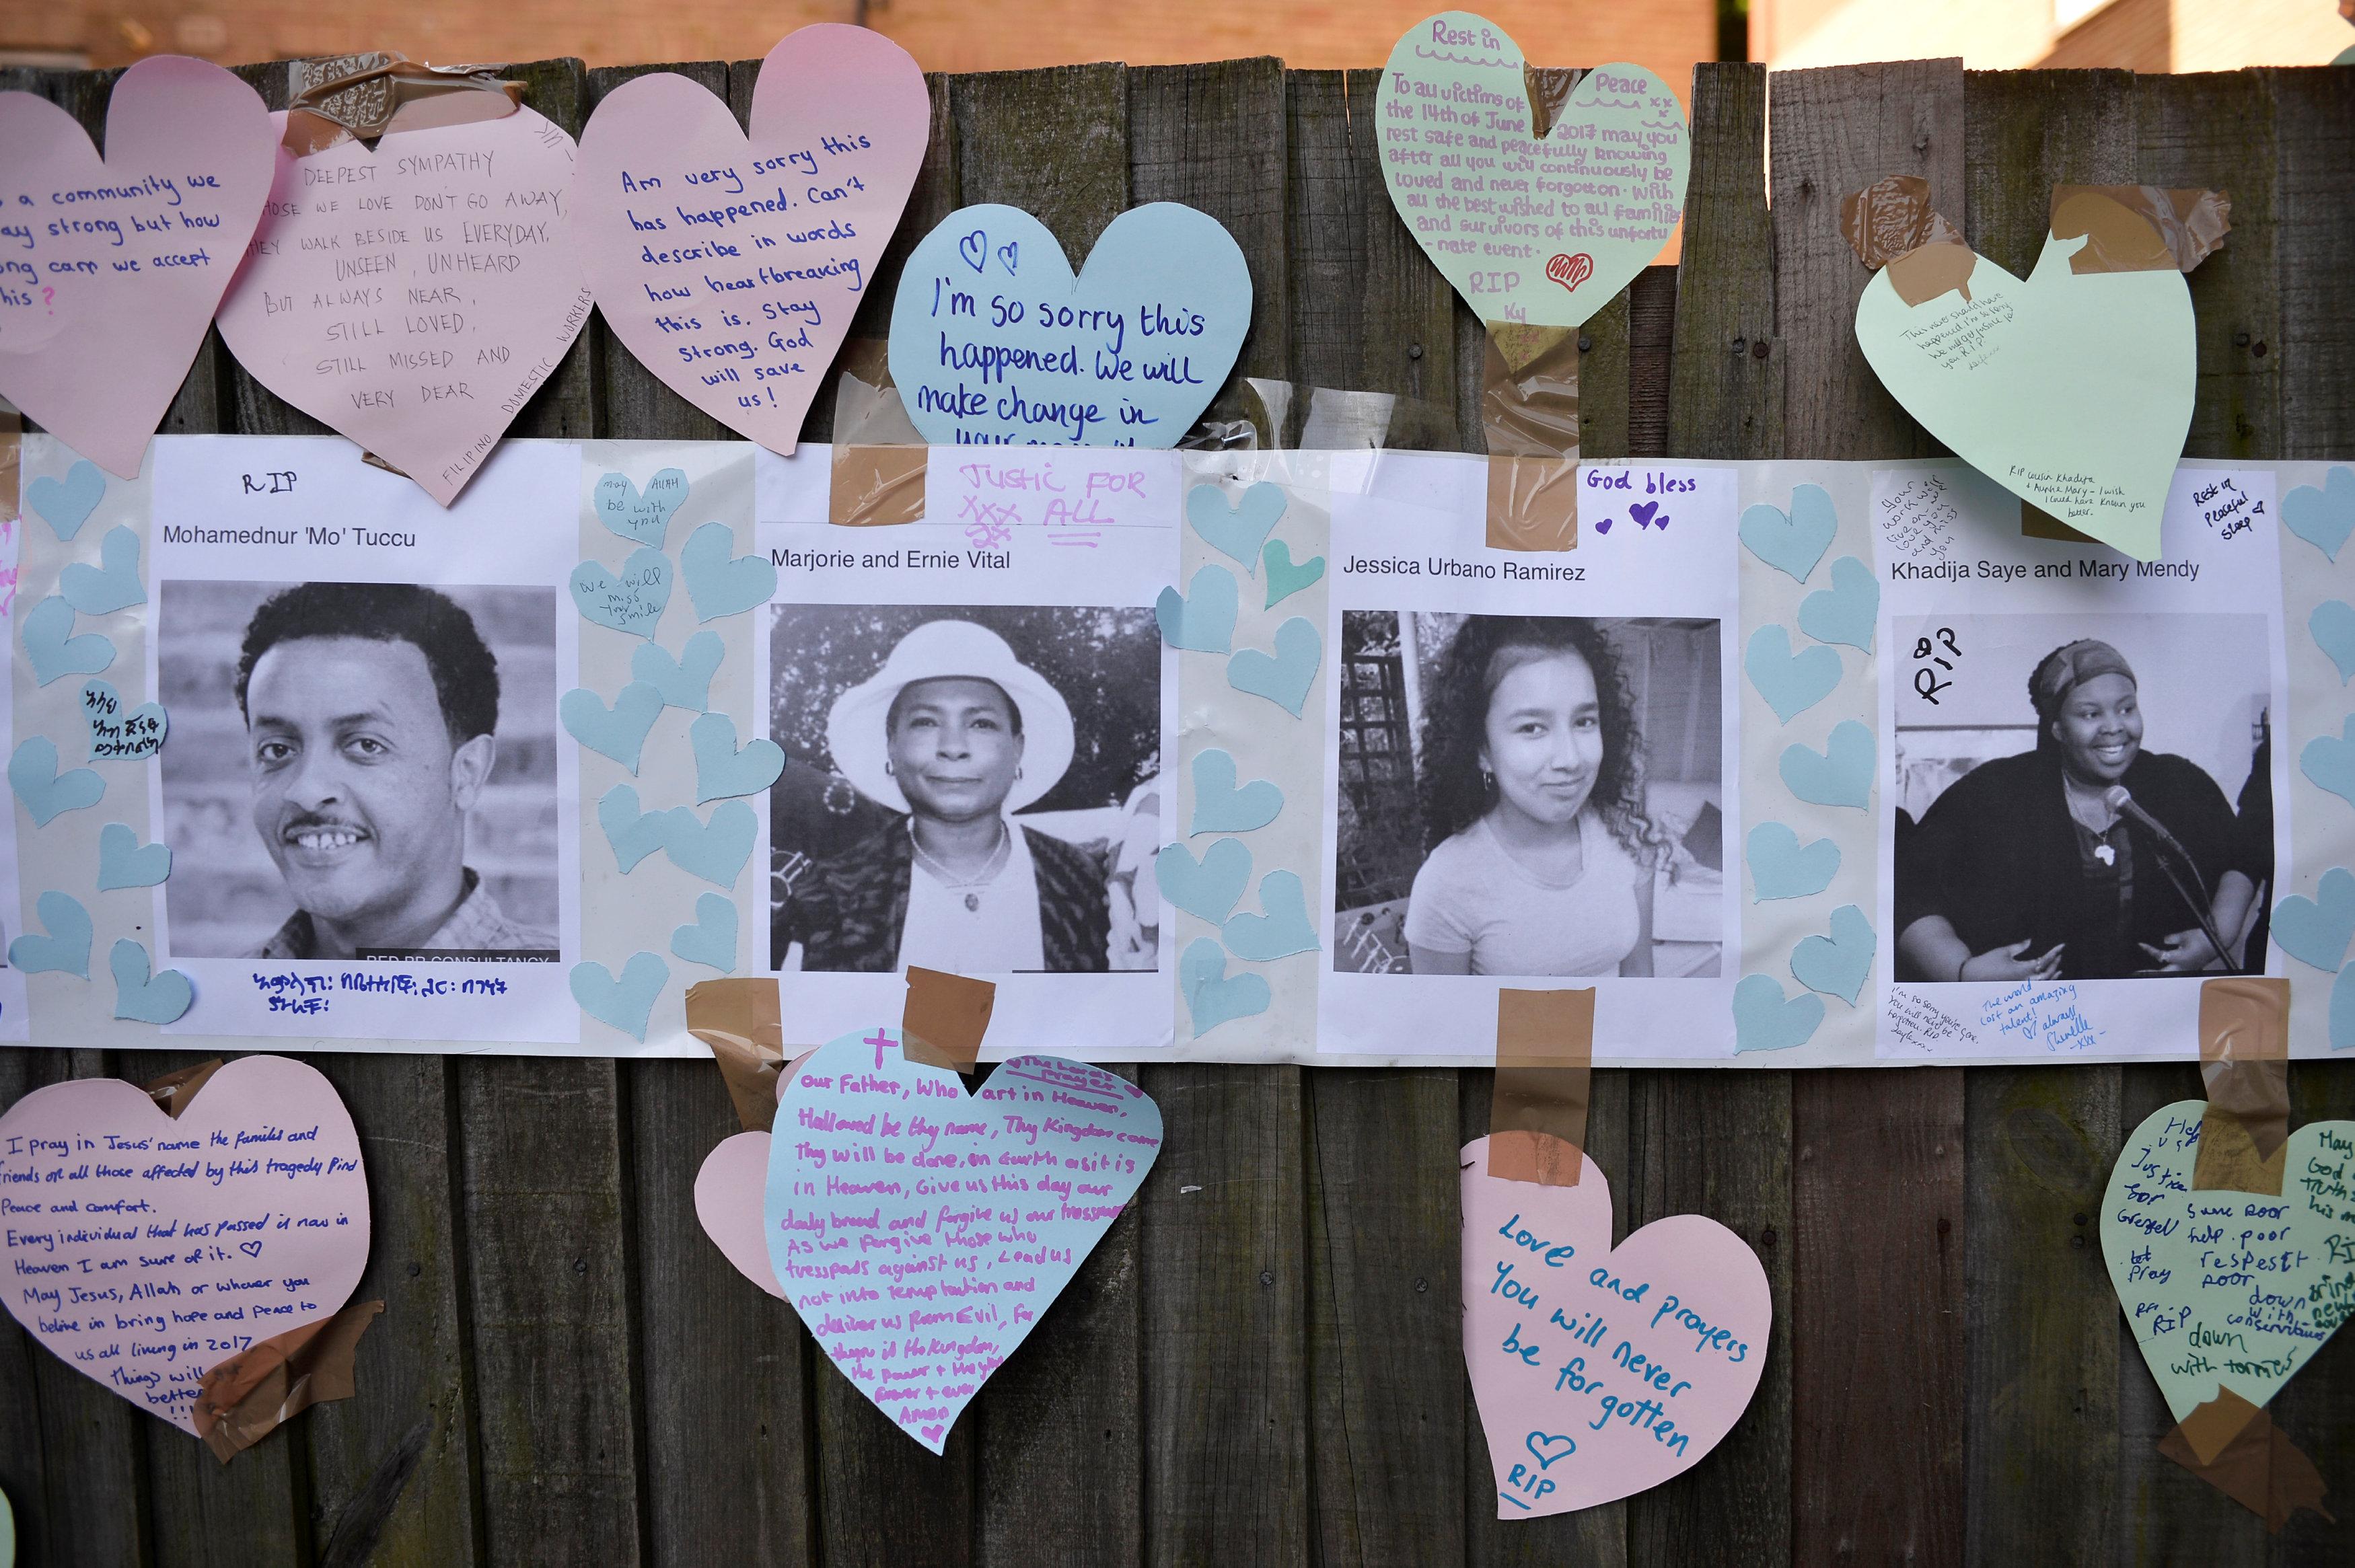 صور ضحايا البرج المحترق فى لندن